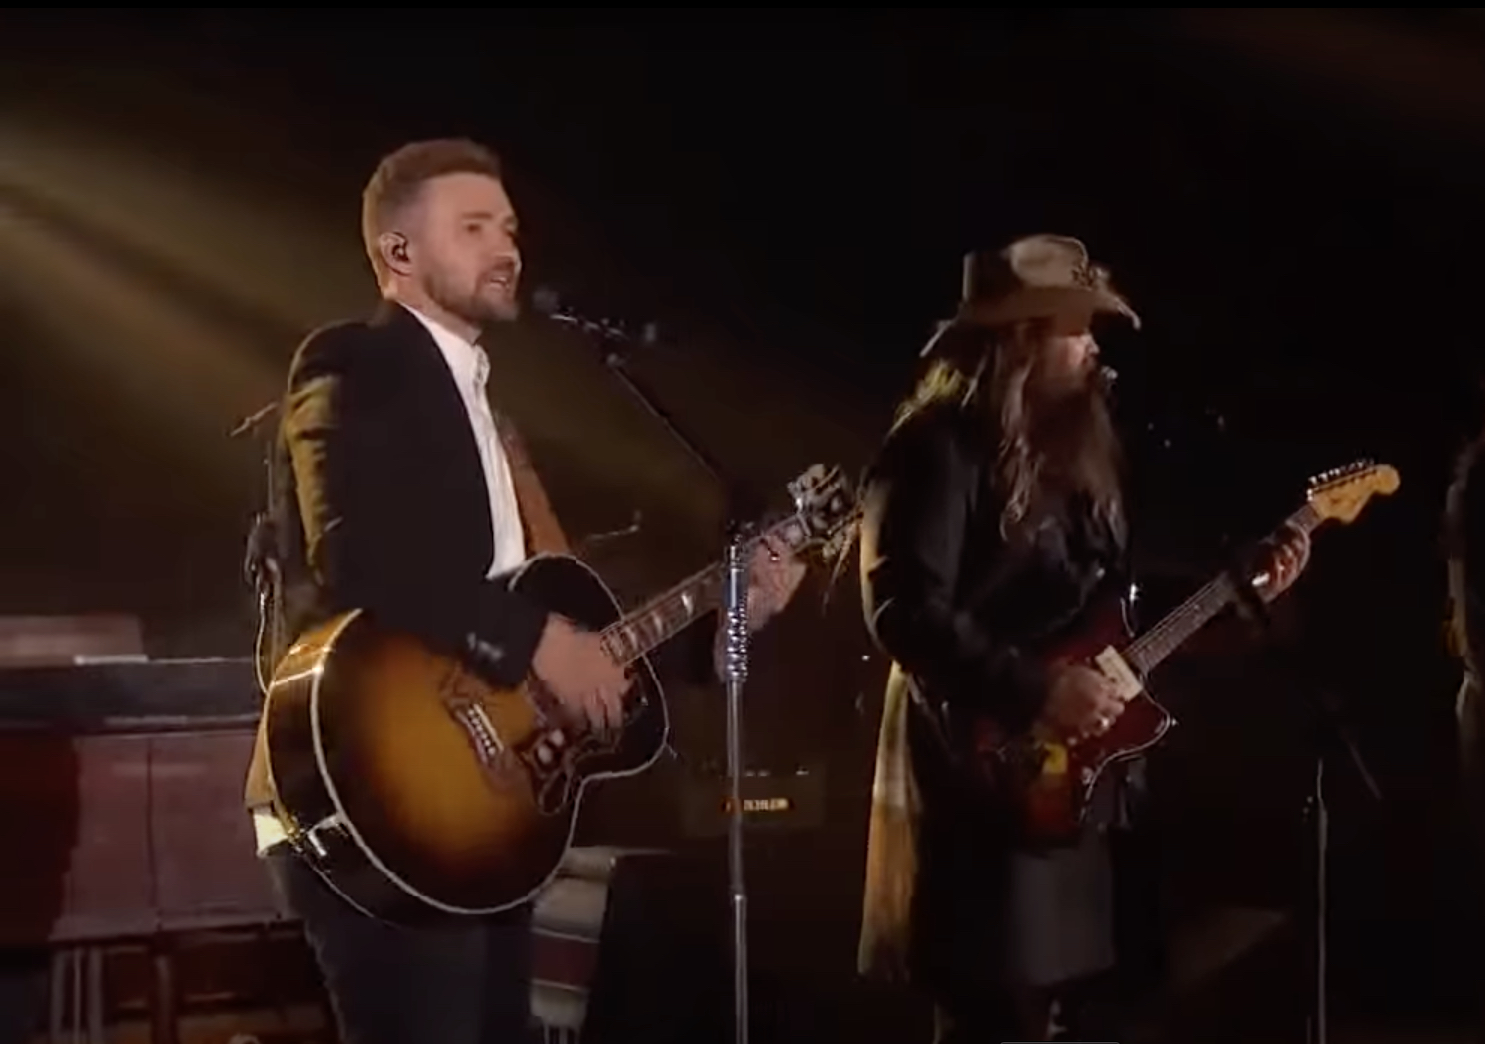 Ein Countrysänger, ein Superstar und alkoholhaltige Songs